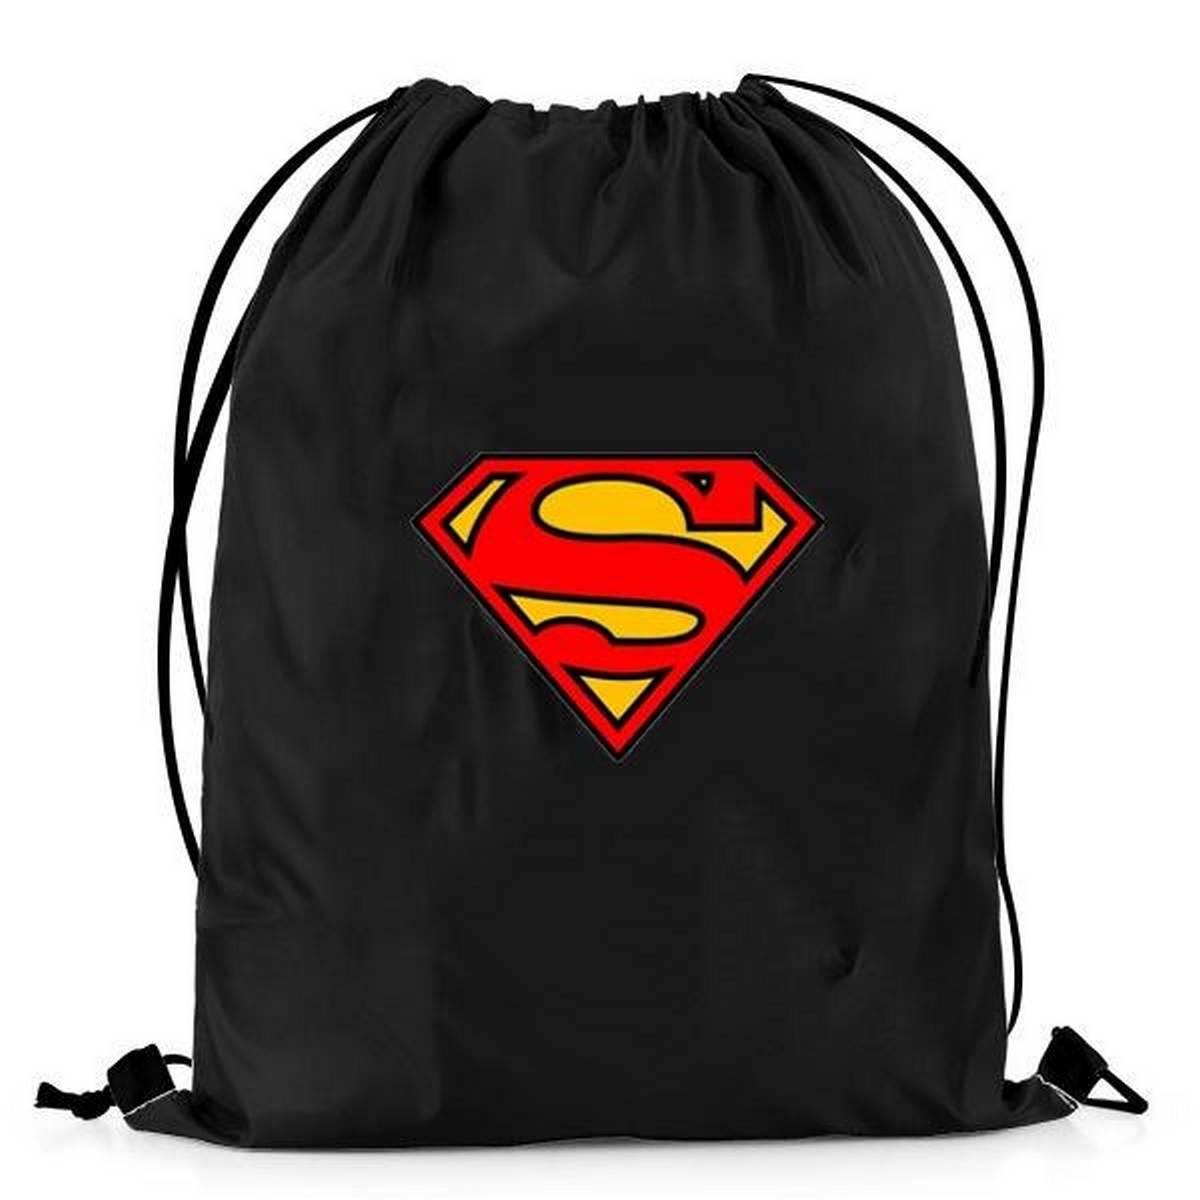 Black Jeans Bag Super men 2 Printed  Drawstring Bag For School, College, Gym, Sports, Umrah & Out Door